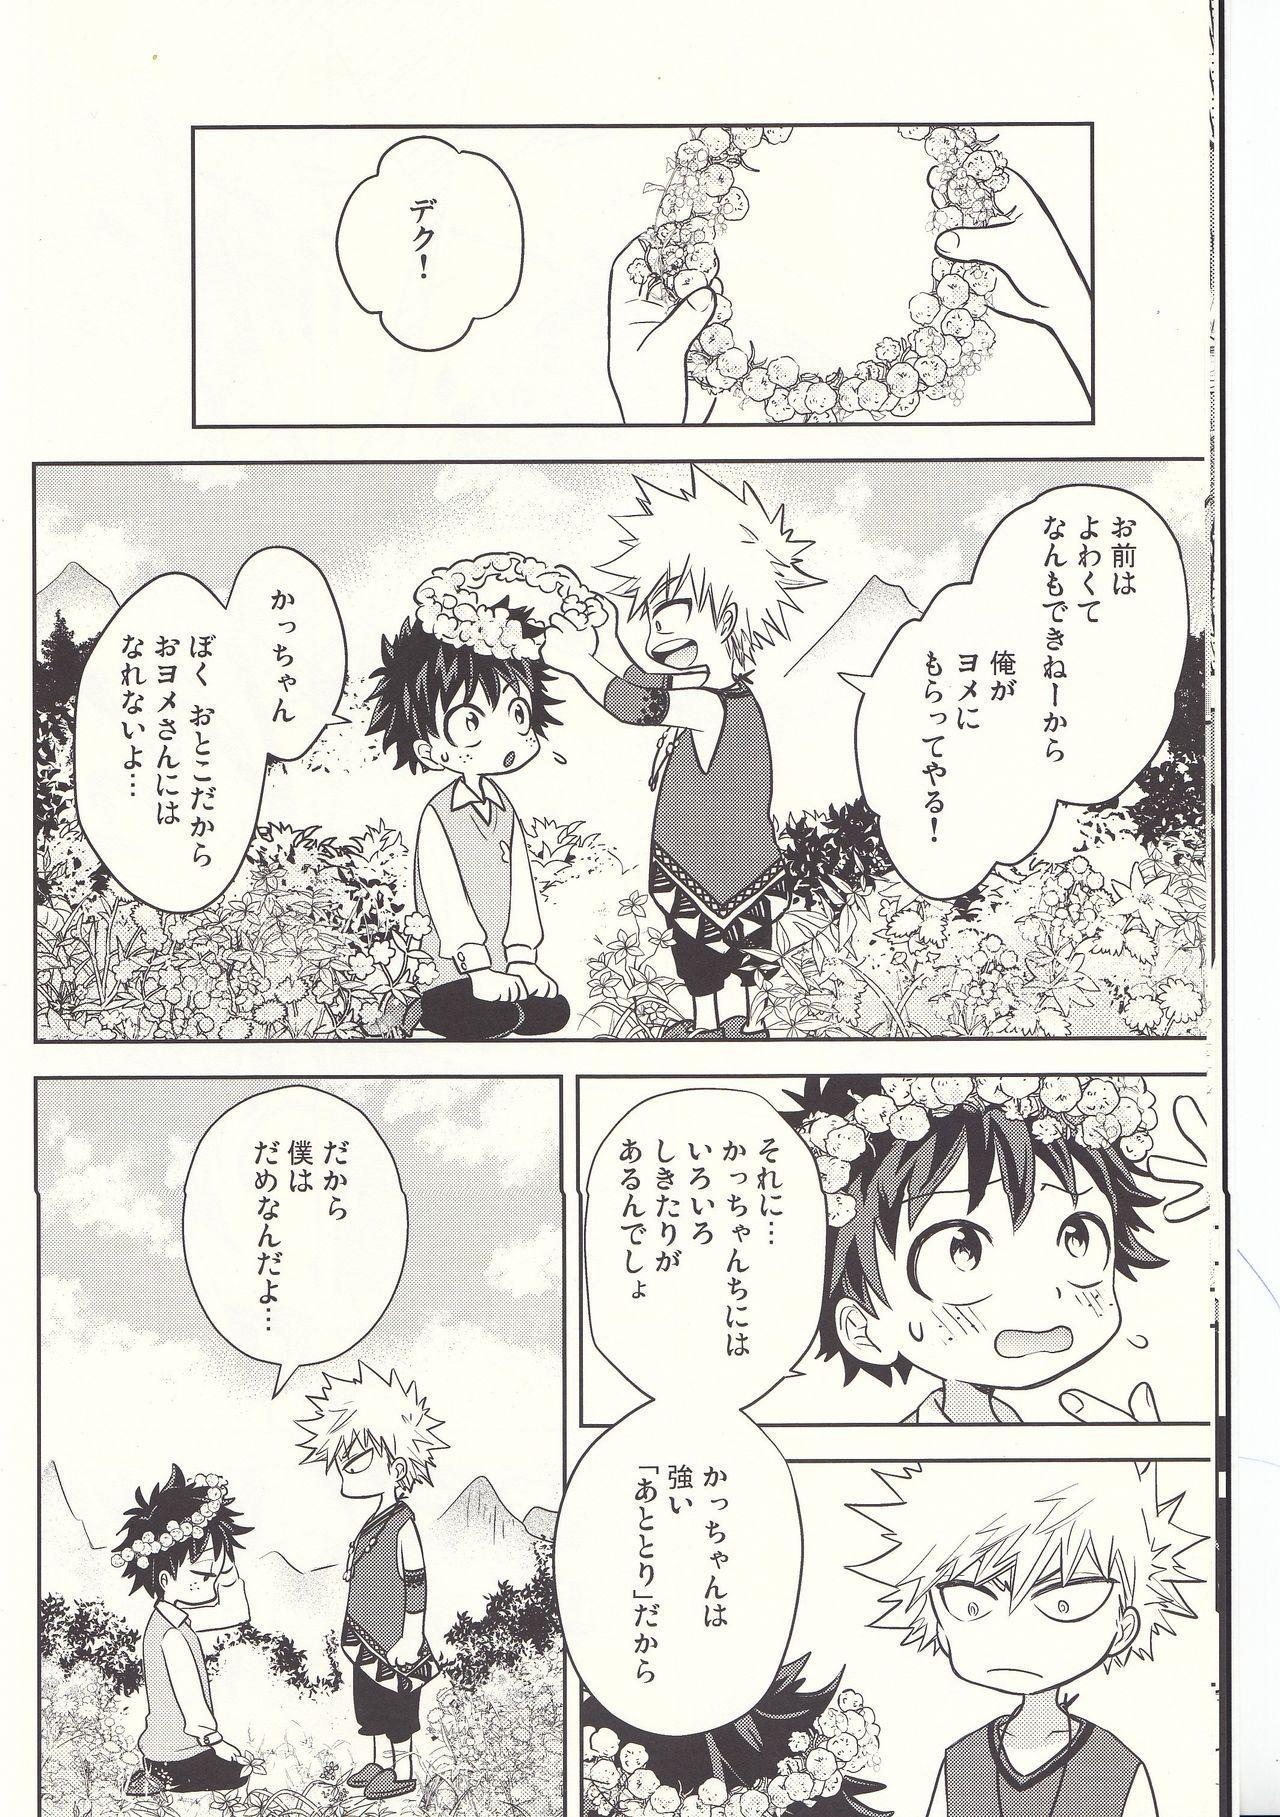 Akatsuki no Agito 8